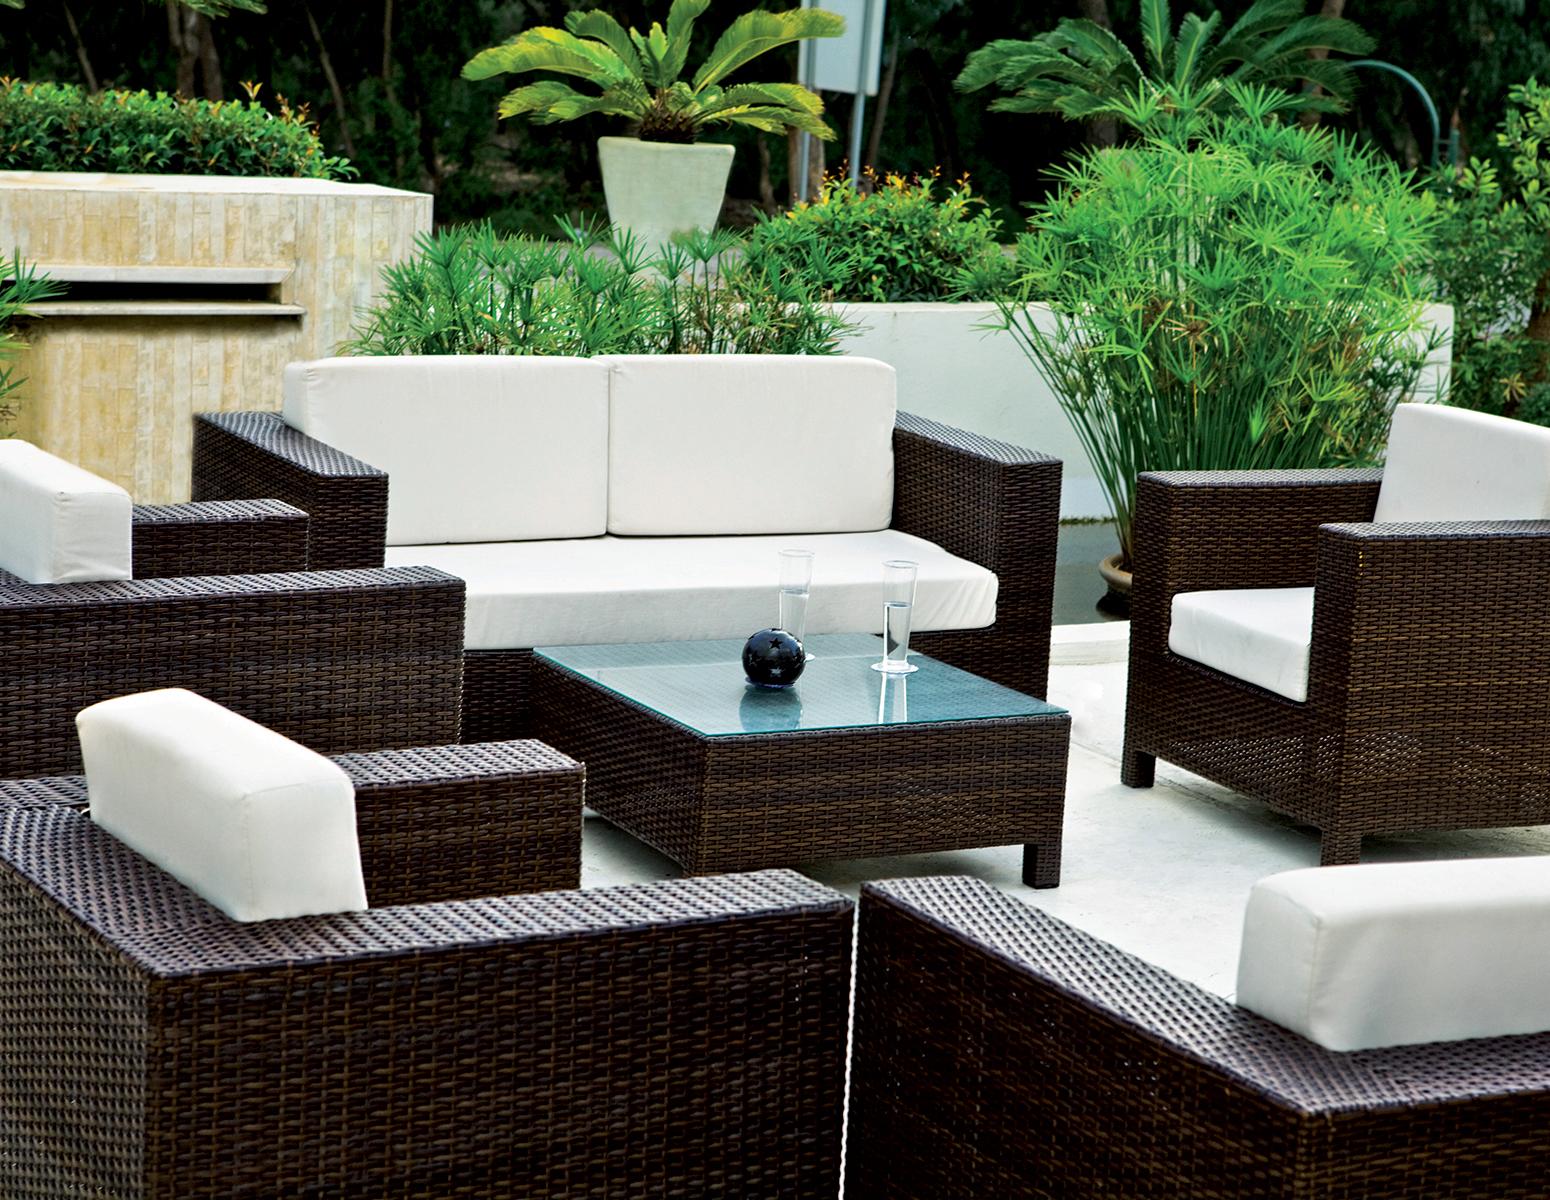 salon milan mobilier de jardin meuble design int rieur ext rieur. Black Bedroom Furniture Sets. Home Design Ideas